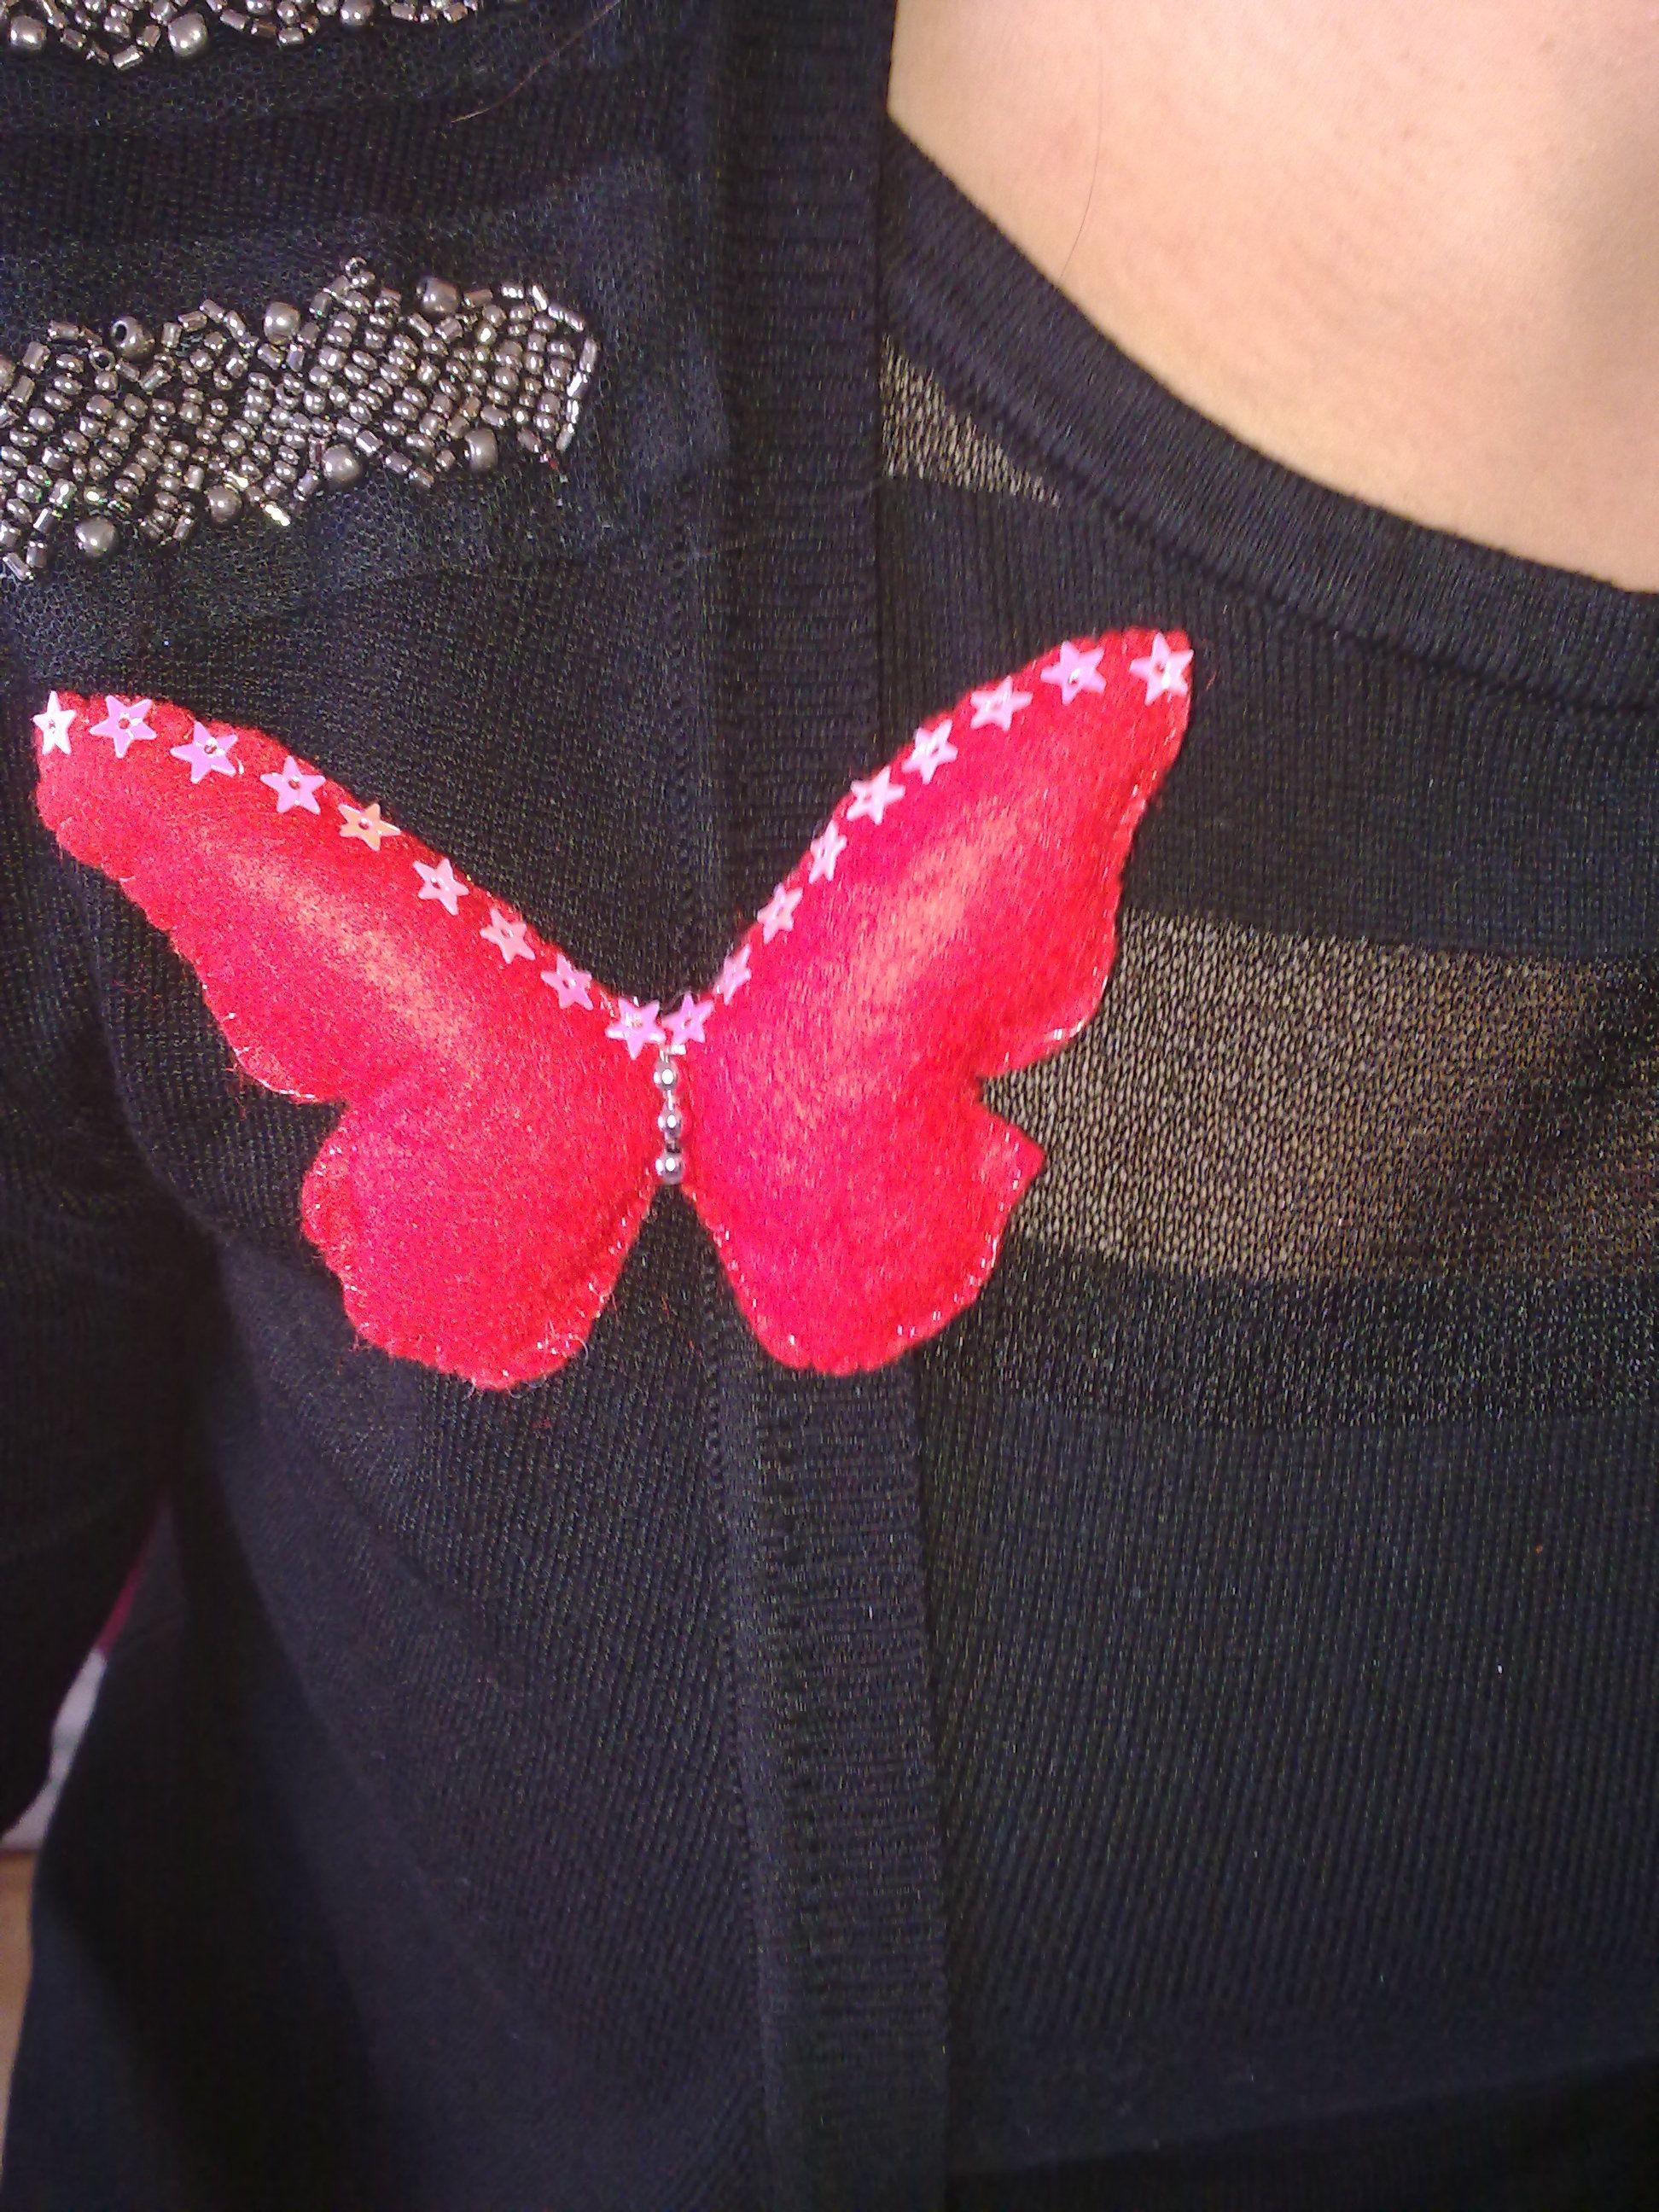 iremin yakasında ablasının kelebeği